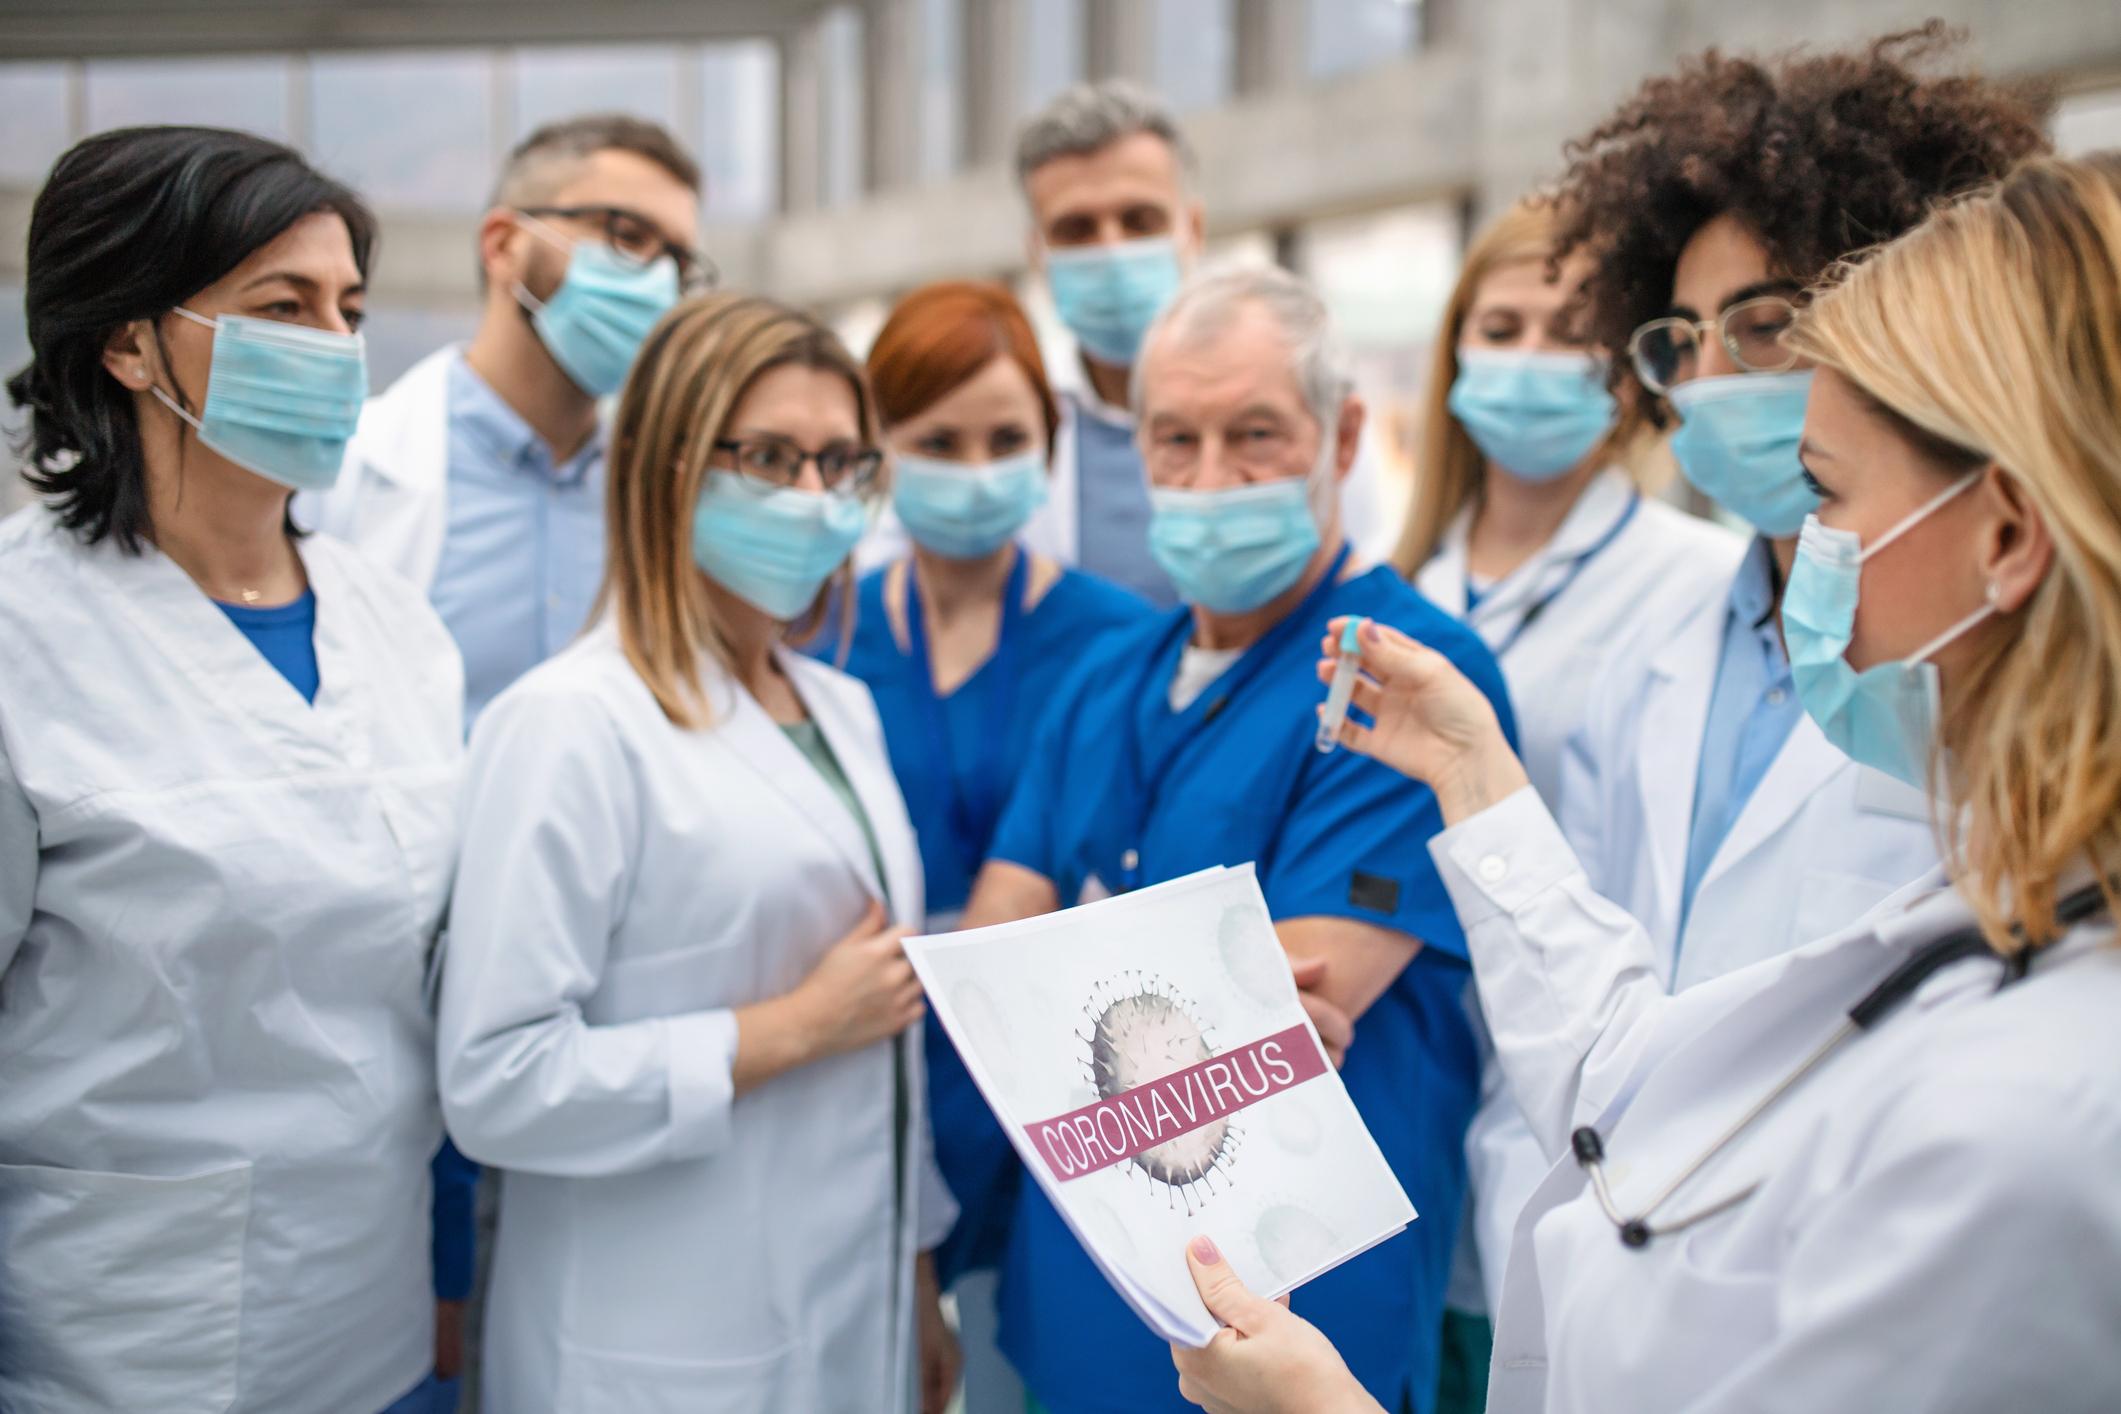 Los sanitarios y políticos infectados por coronavirus en España ...